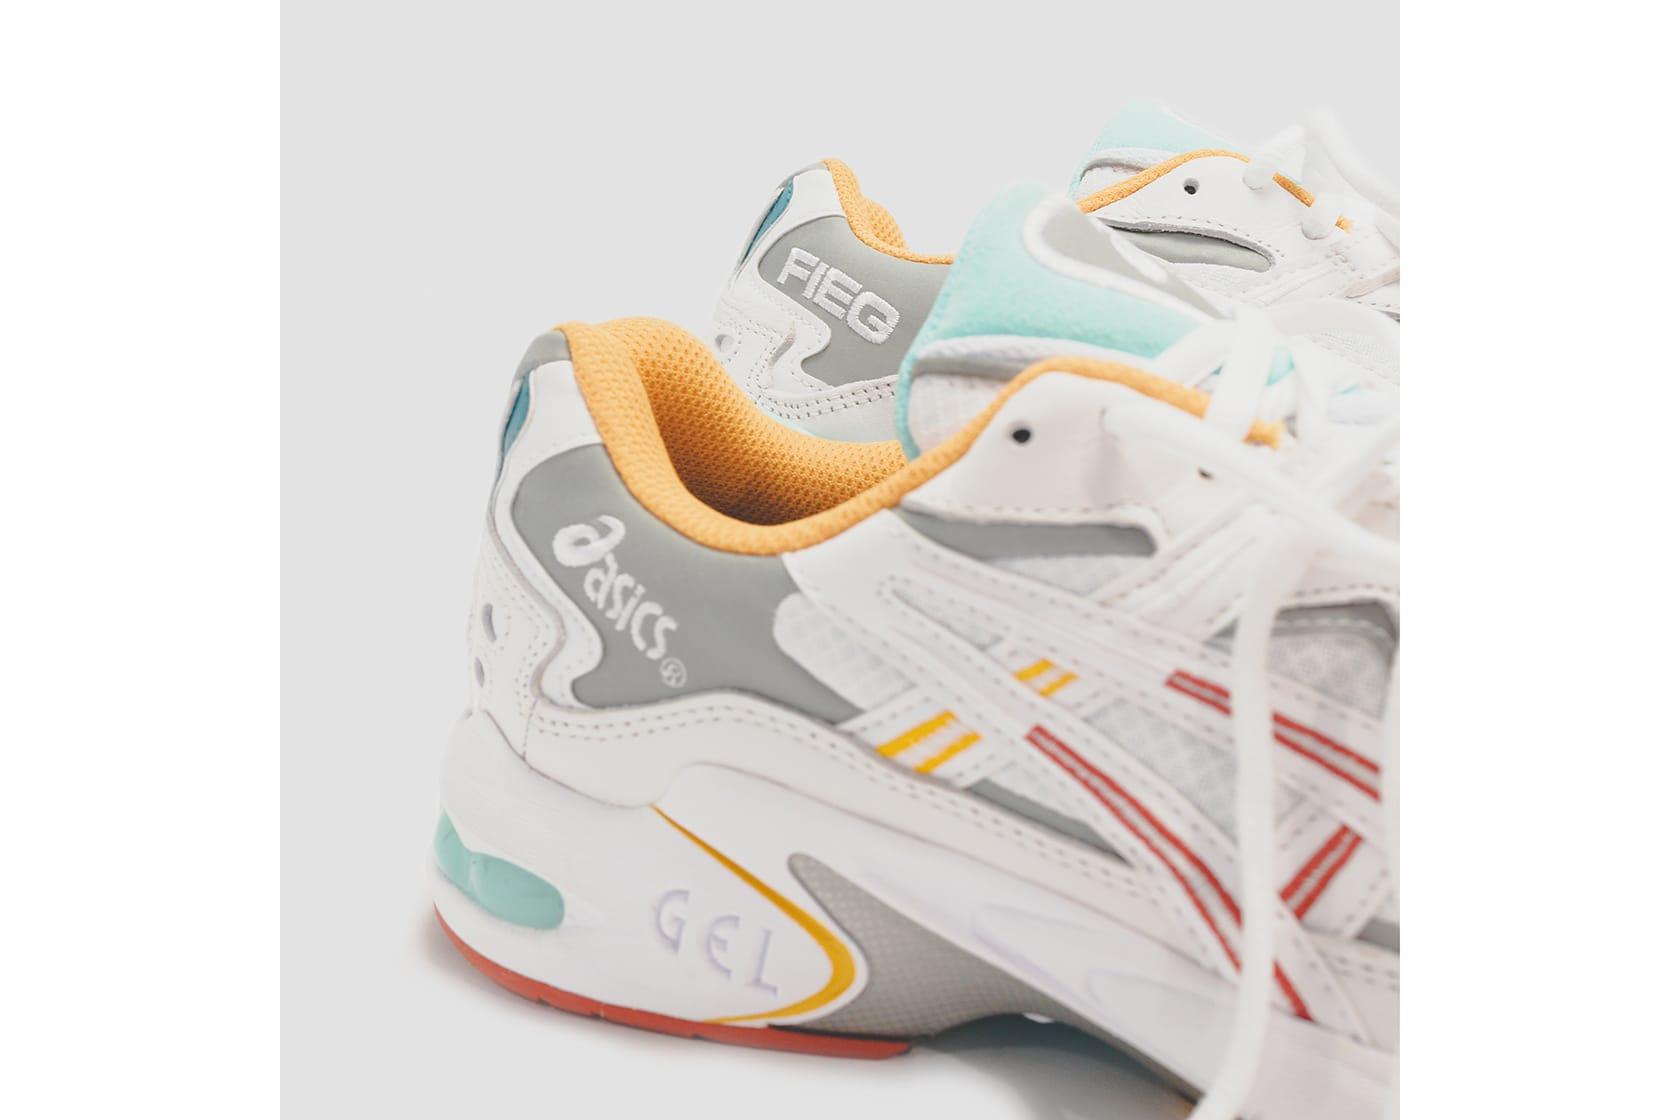 KITH x ASICS Gel-Kayano 5 Sneaker